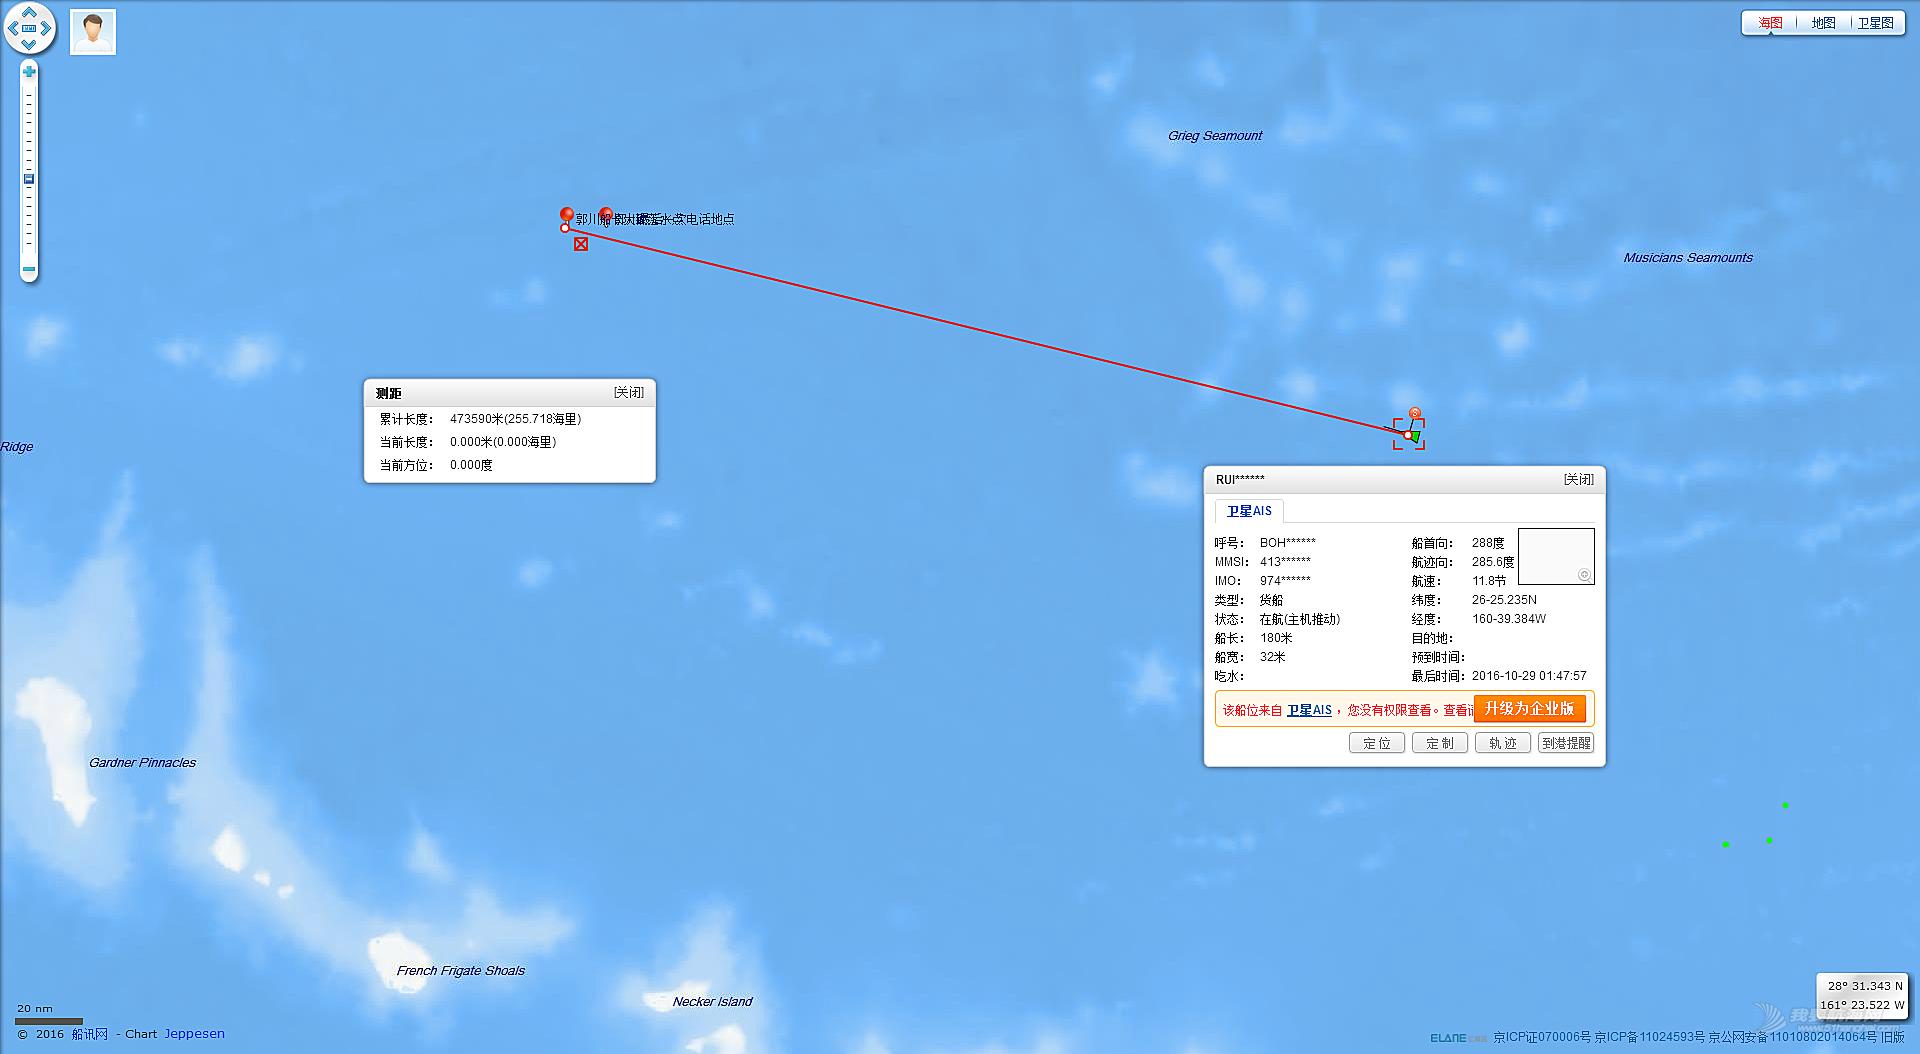 青岛号,郭川,横跨太平洋,超级大三体,海上搜救 搜救郭川船长的一个大好机会